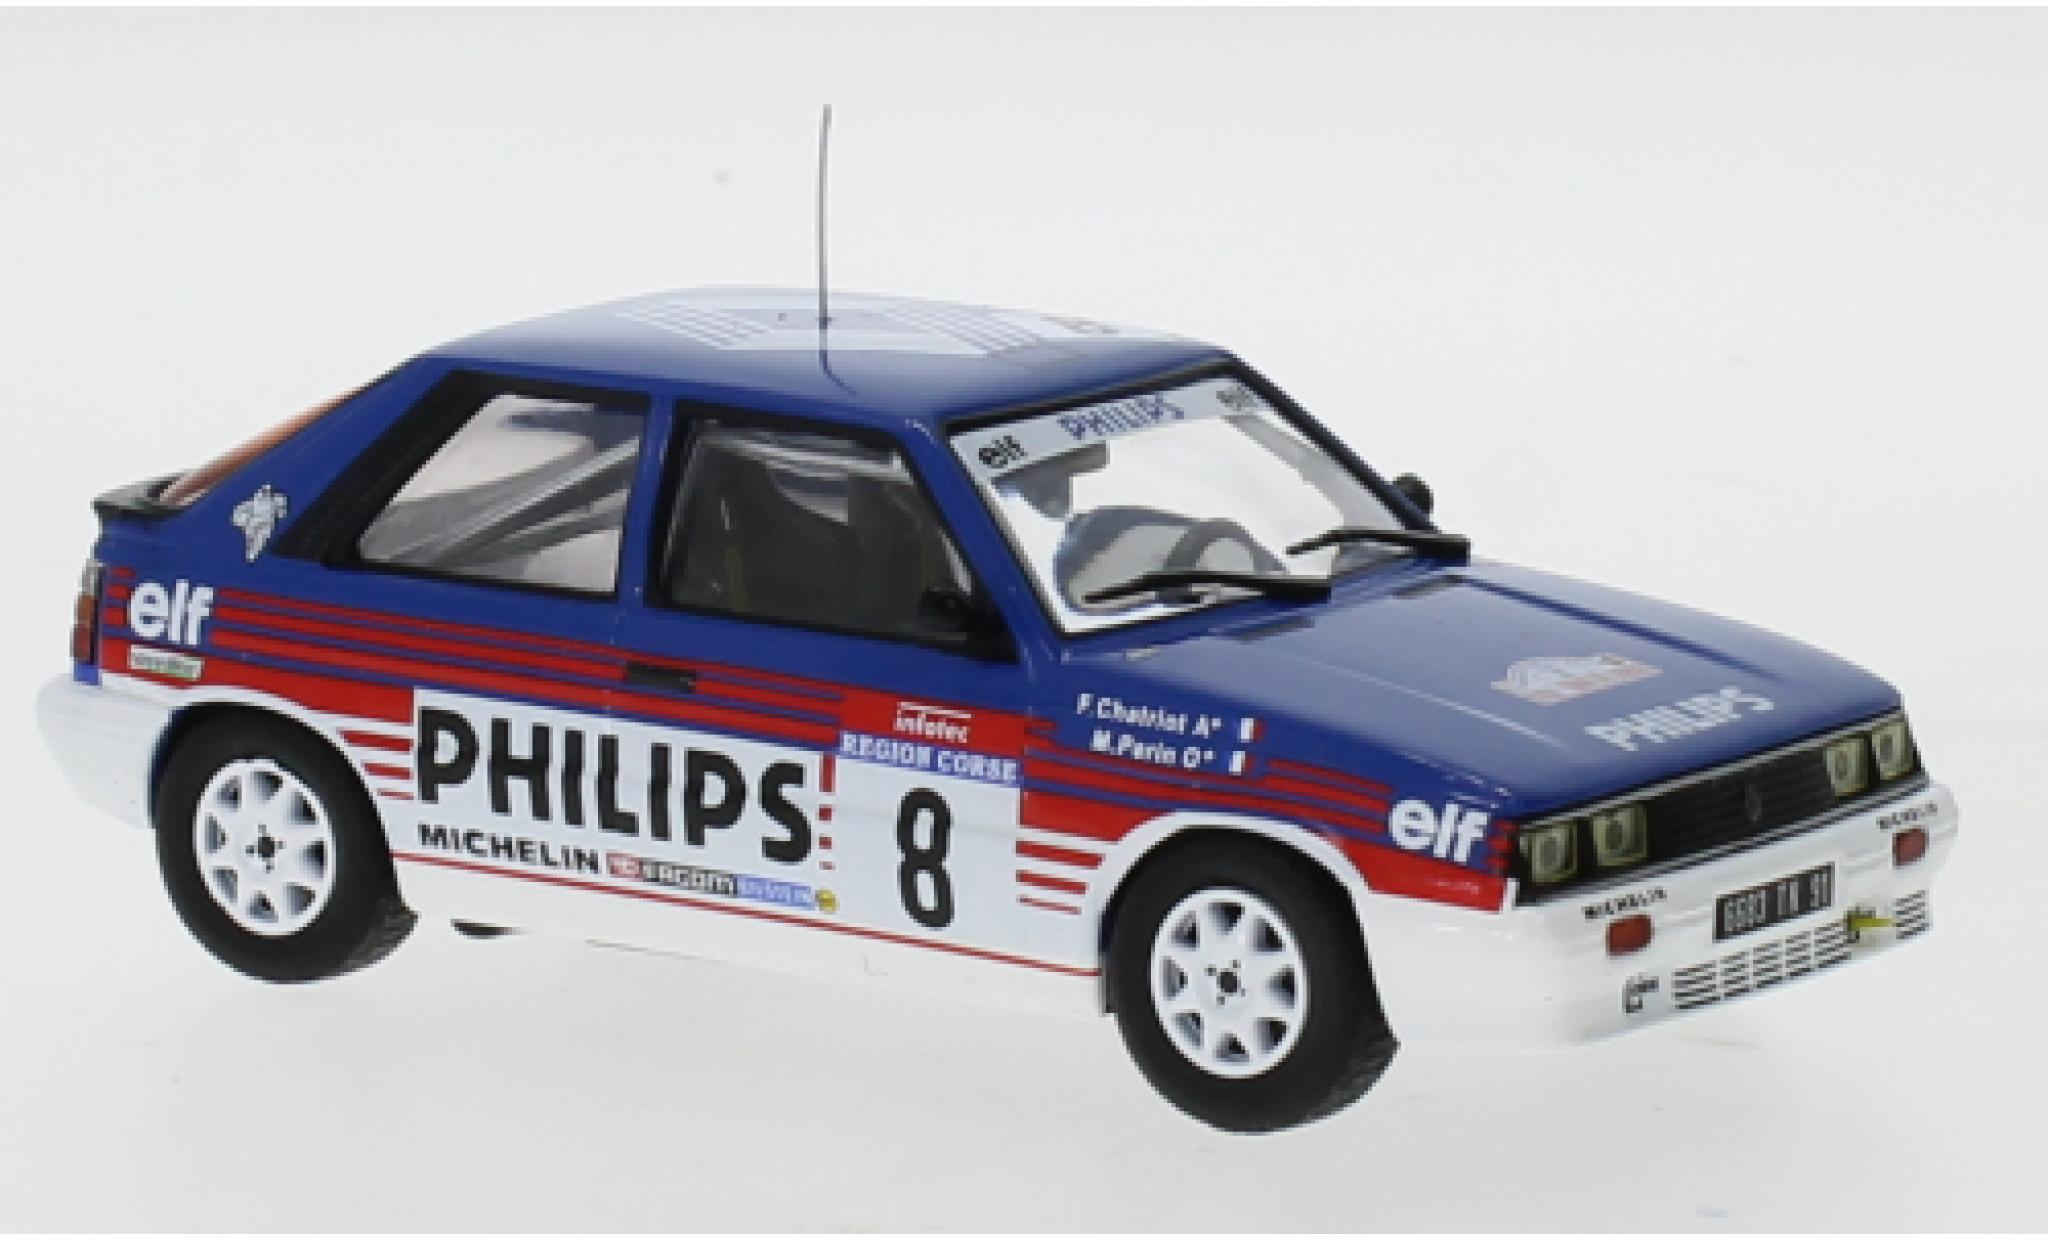 Renault 11 1/43 IXO Turbo No.8 Philips Rallye WM Tour de Corse 1987 F.Chatriot/M.Perin